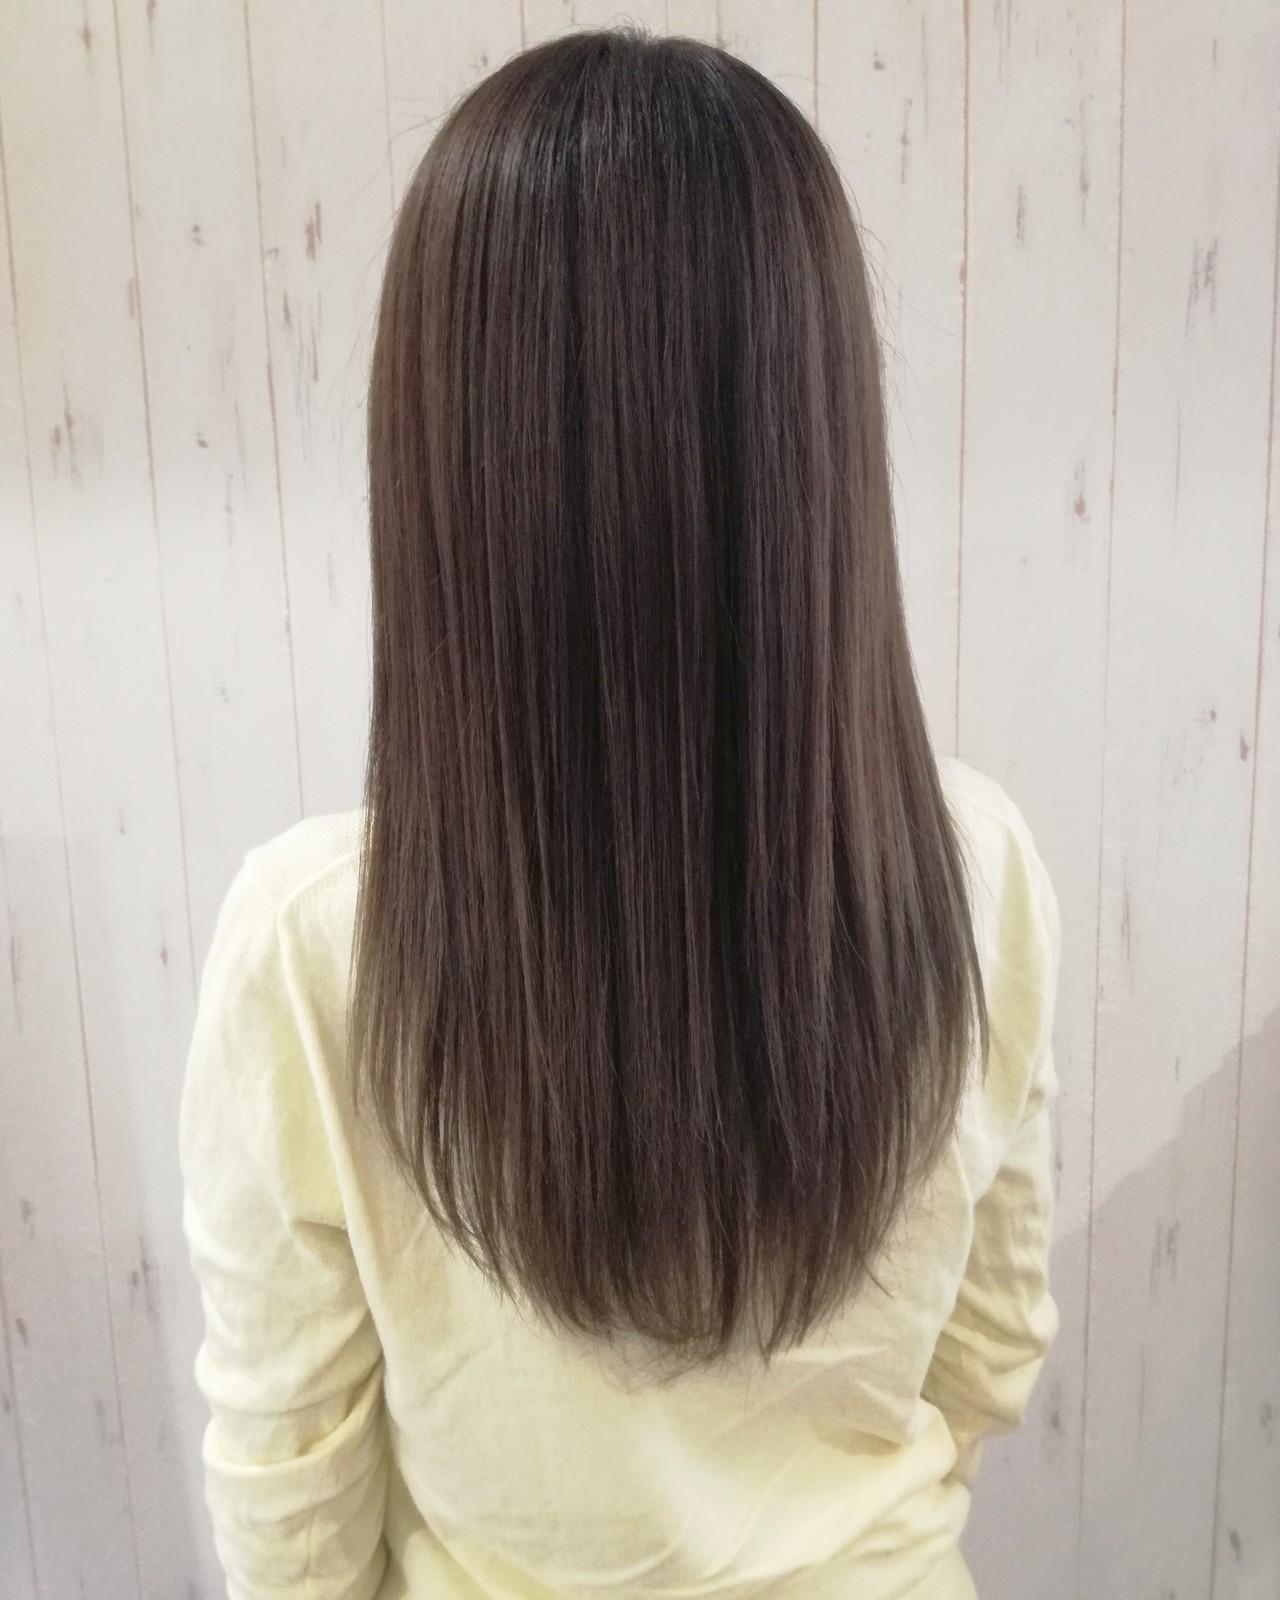 ストレート アッシュベージュ ナチュラル 縮毛矯正 ヘアスタイルや髪型の写真・画像